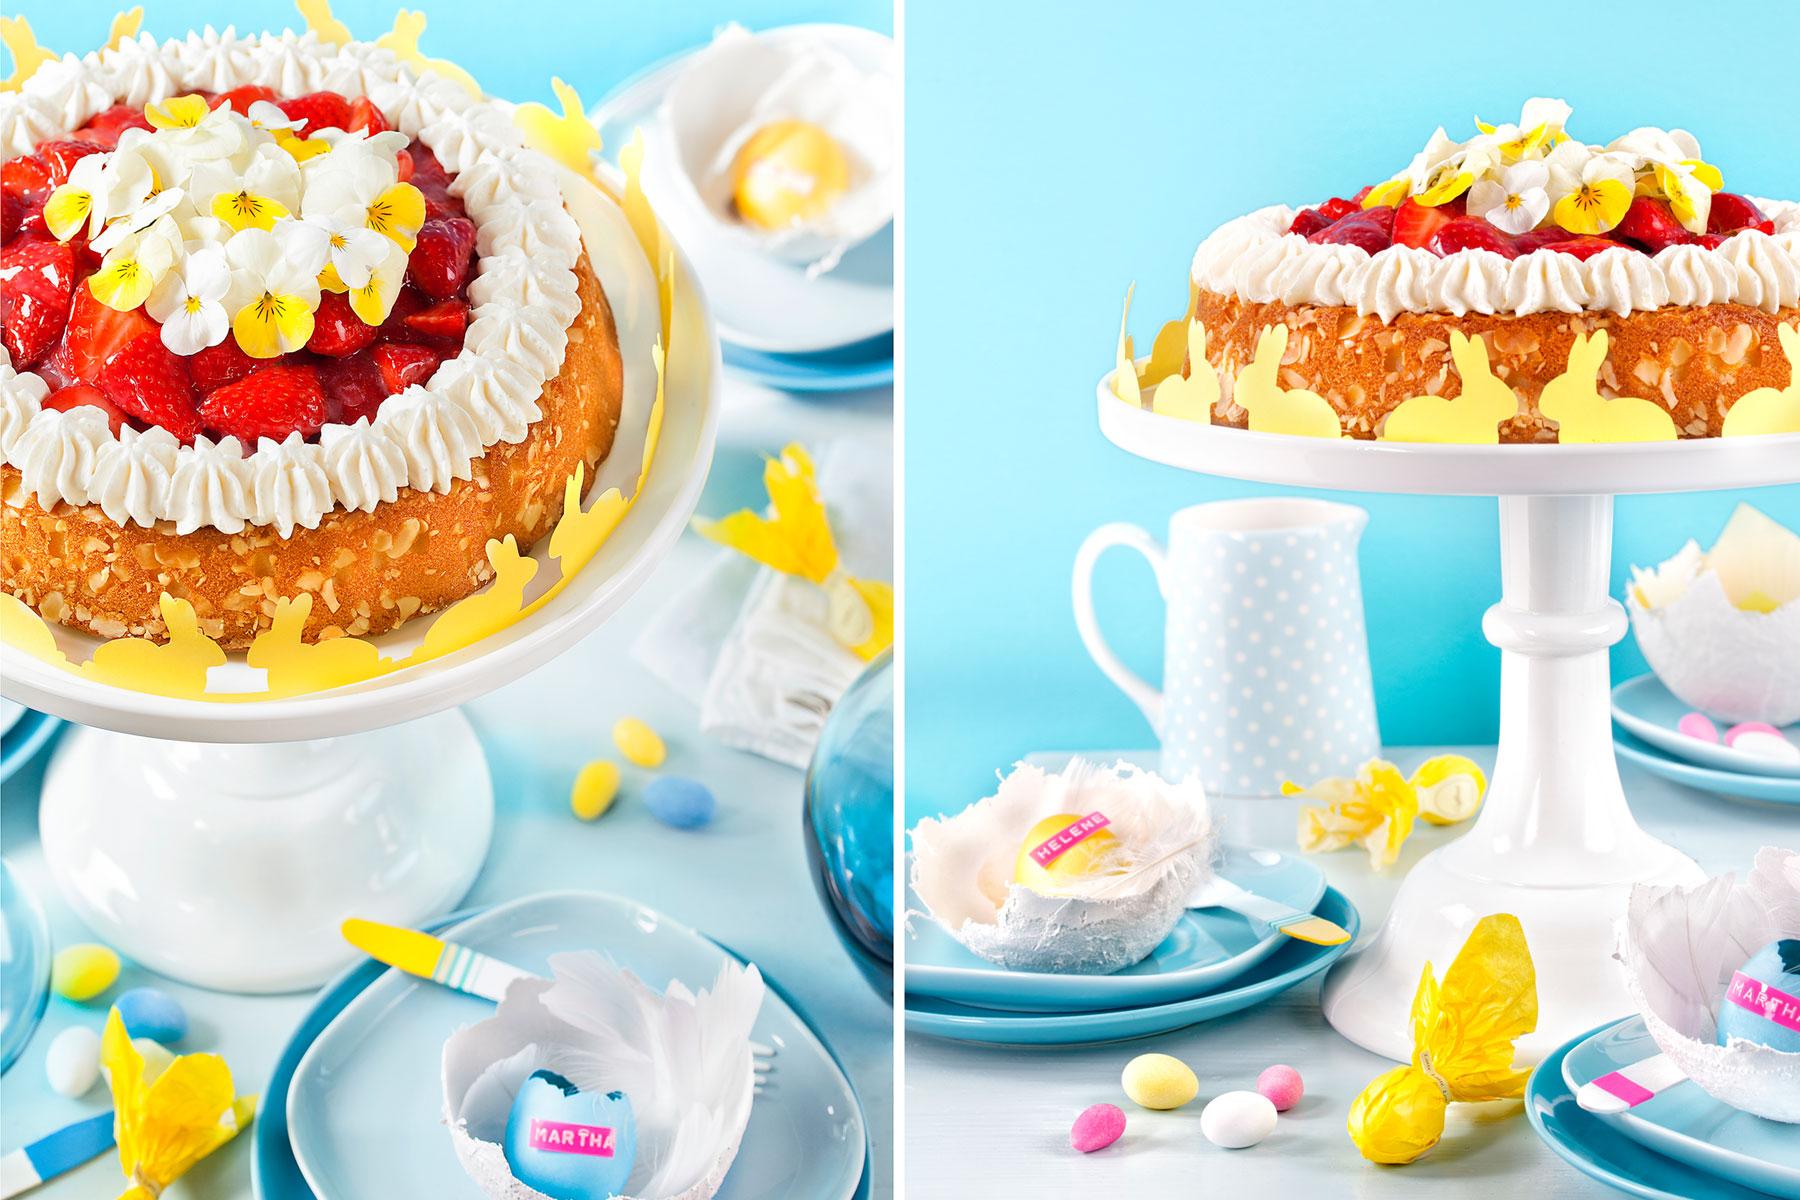 Tolle Ideen zu Ostern! Torte und Deko als farbenfrohe Akzente 2